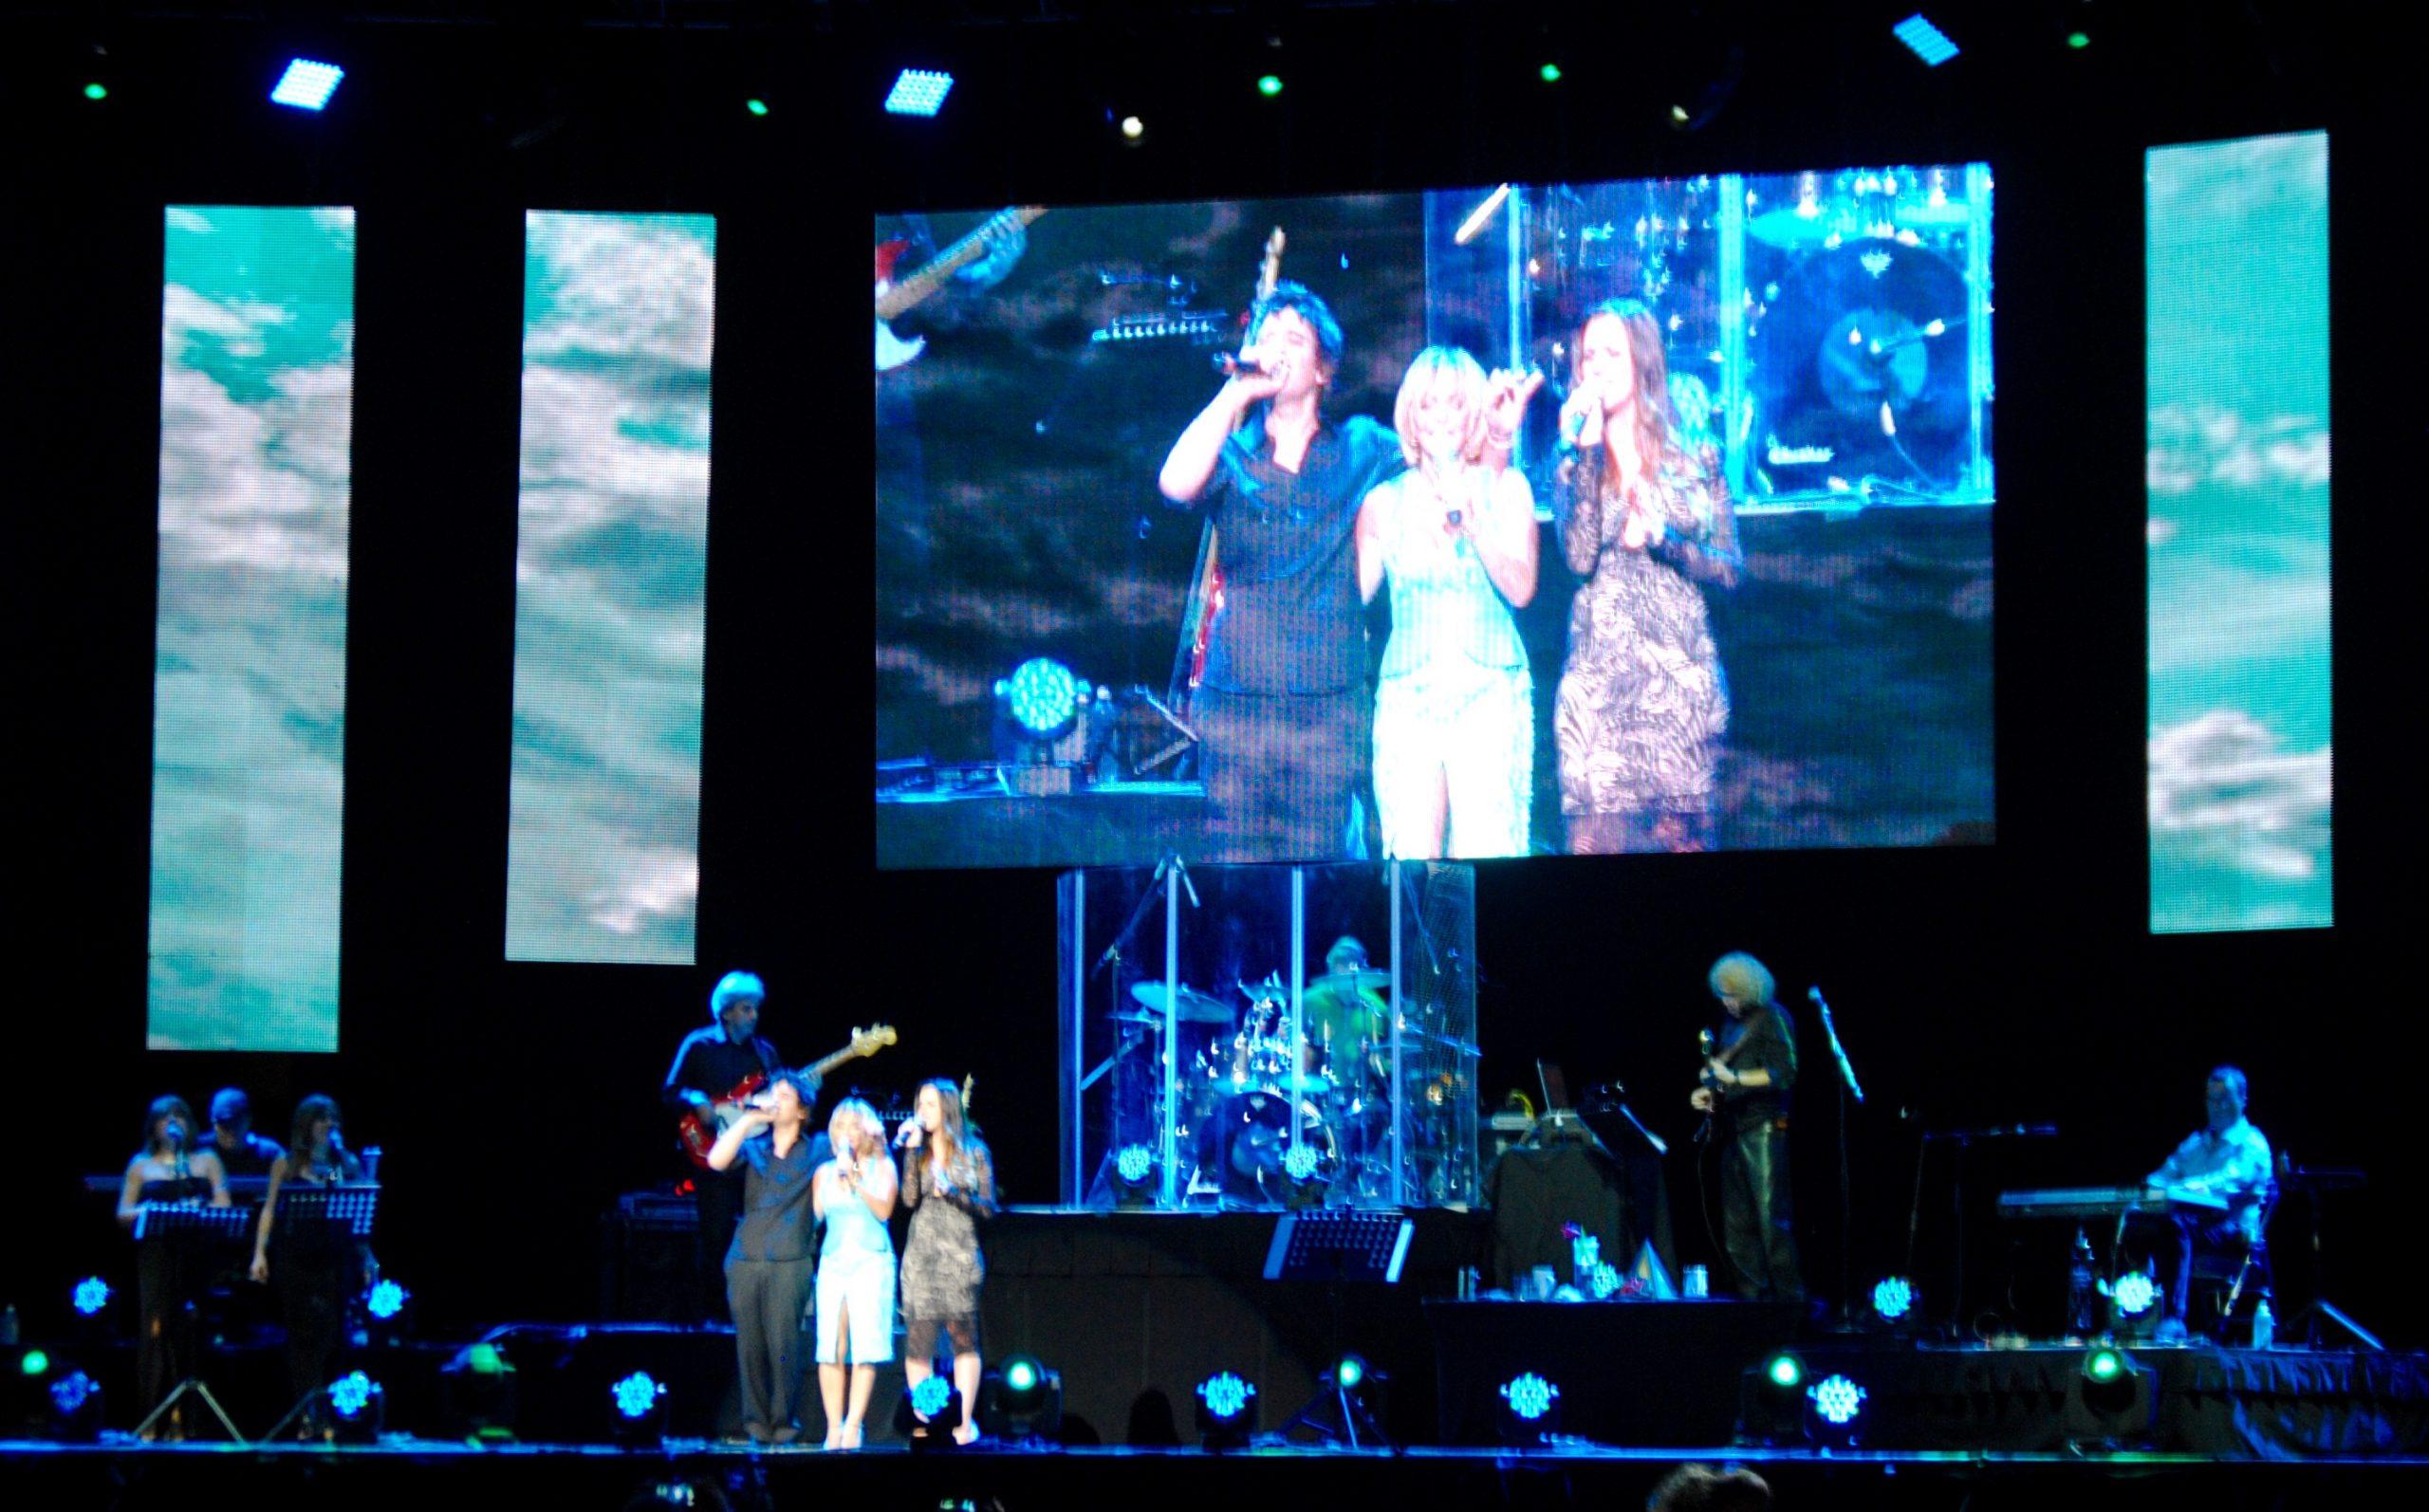 La cantante interpretó con sus hijos Inamol y xx. (Foto Jaime Torres Torres para Fundación Nacional para la Cultura Popular)